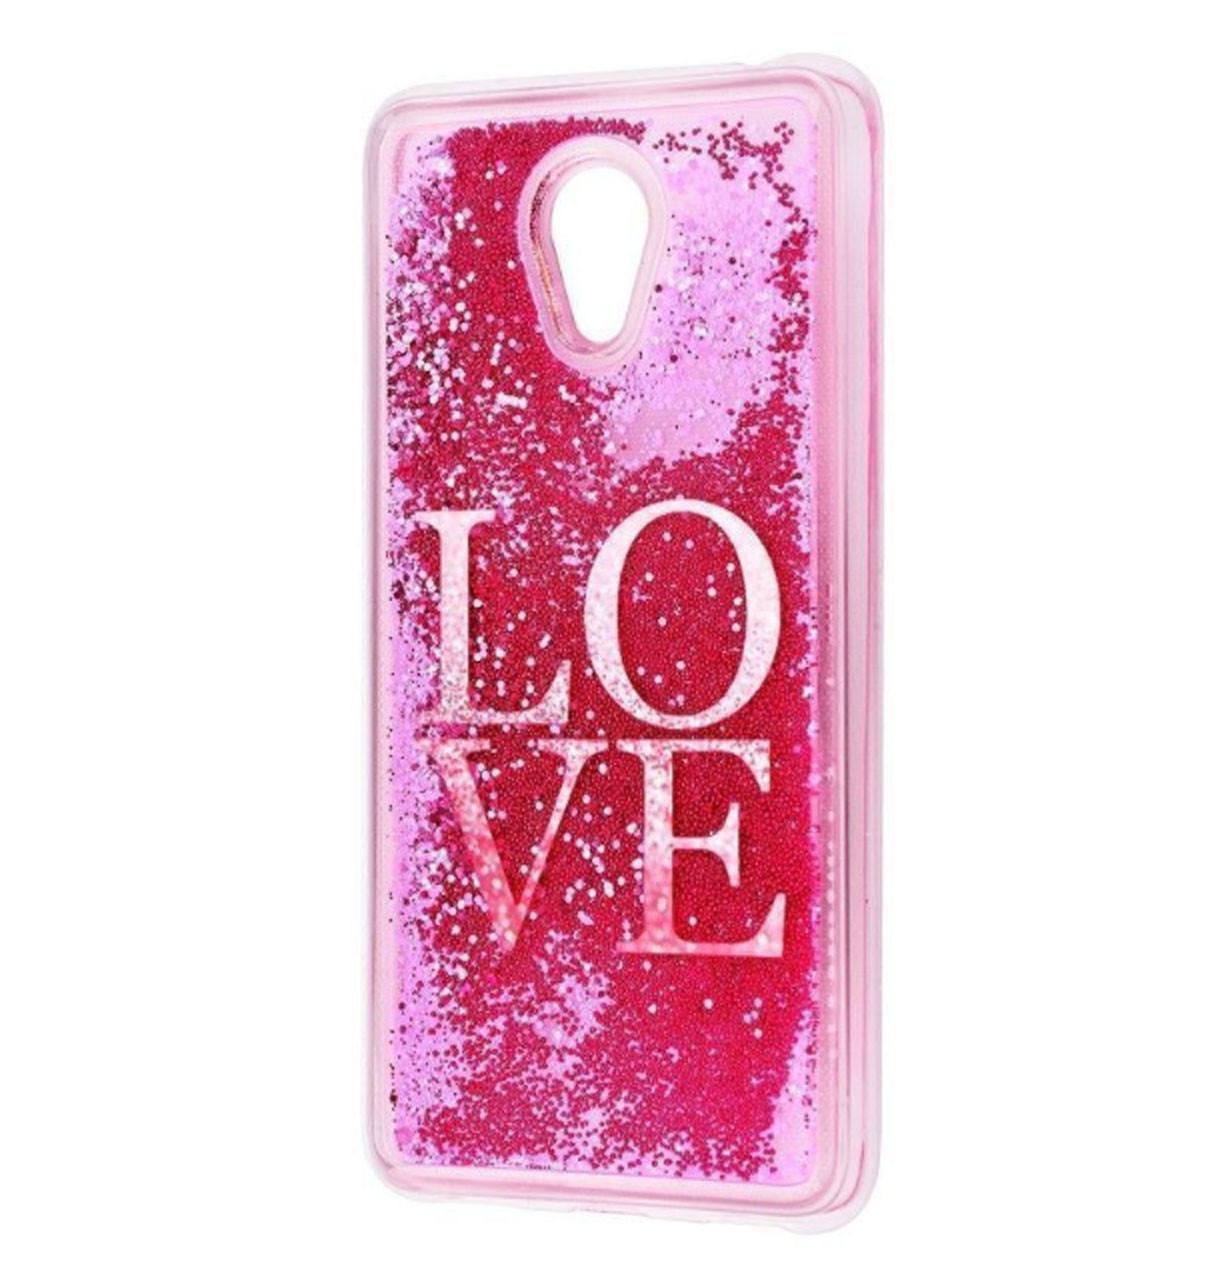 Чехол-накладка (Жидкий Блеск) Love для Meizu M5 Note Pink